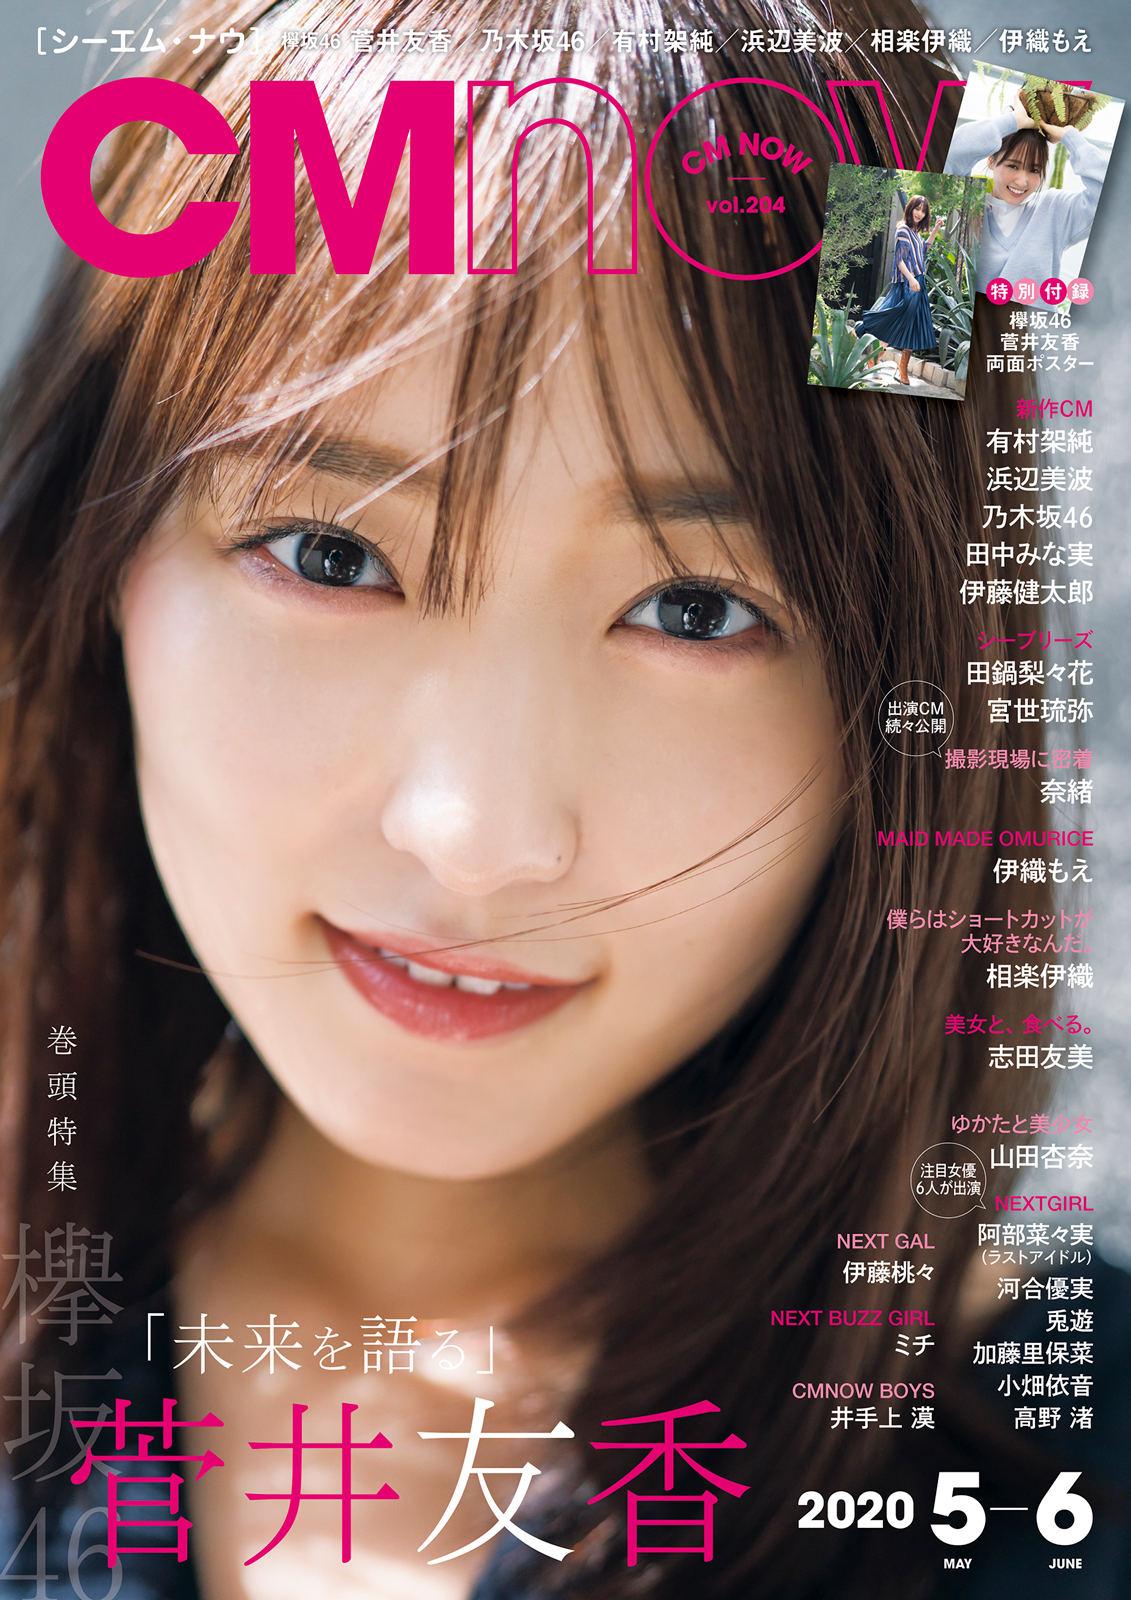 菅井友香「CMNOW vol.204」表紙